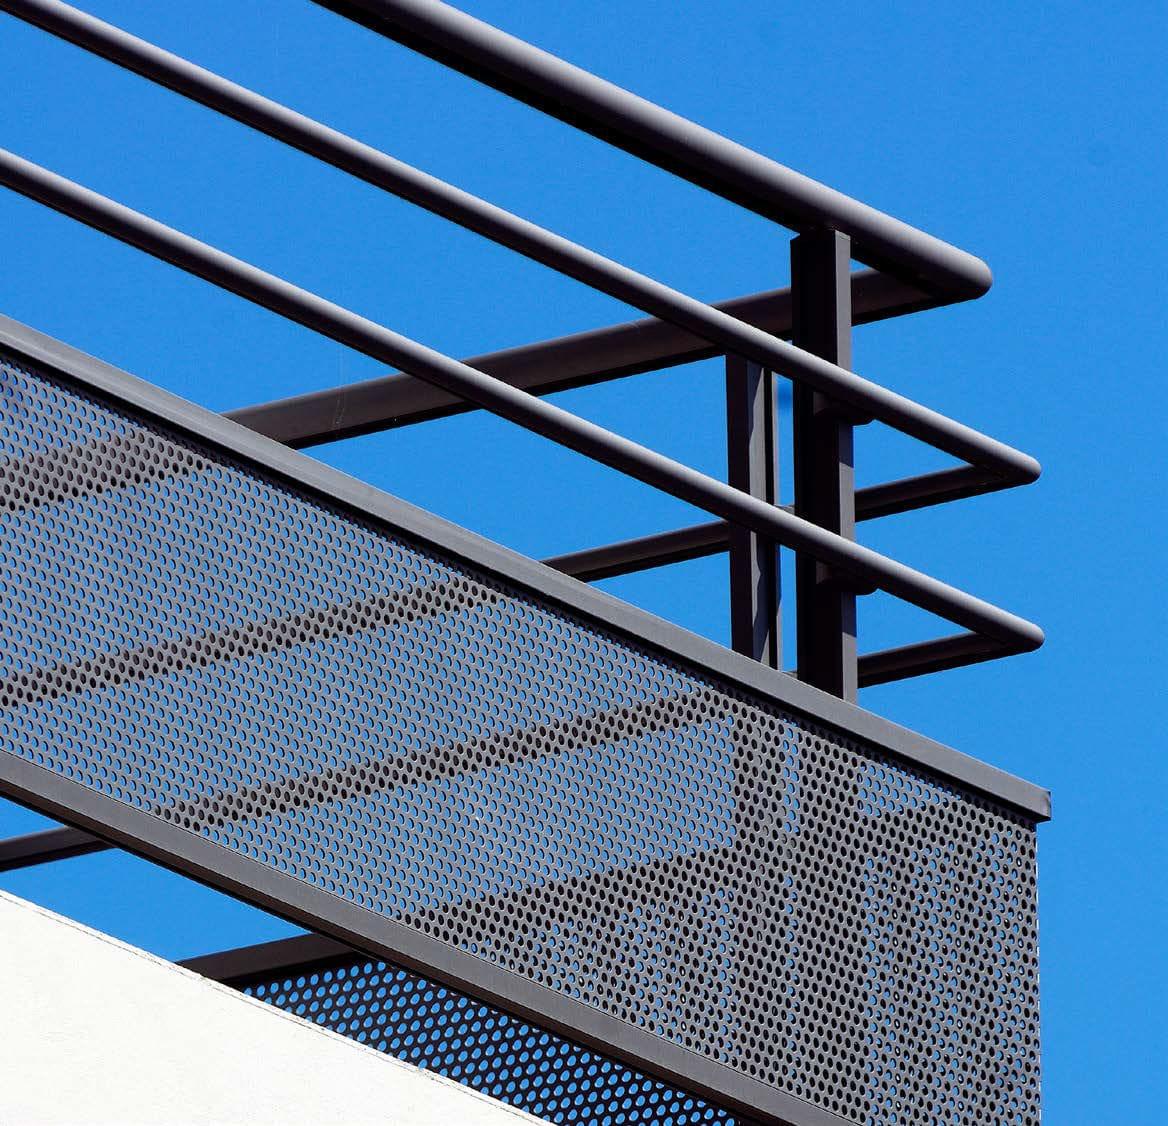 Espacement Entre Barreaux Garde Corps garde-corps en verre / en aluminium / à barreaux / d